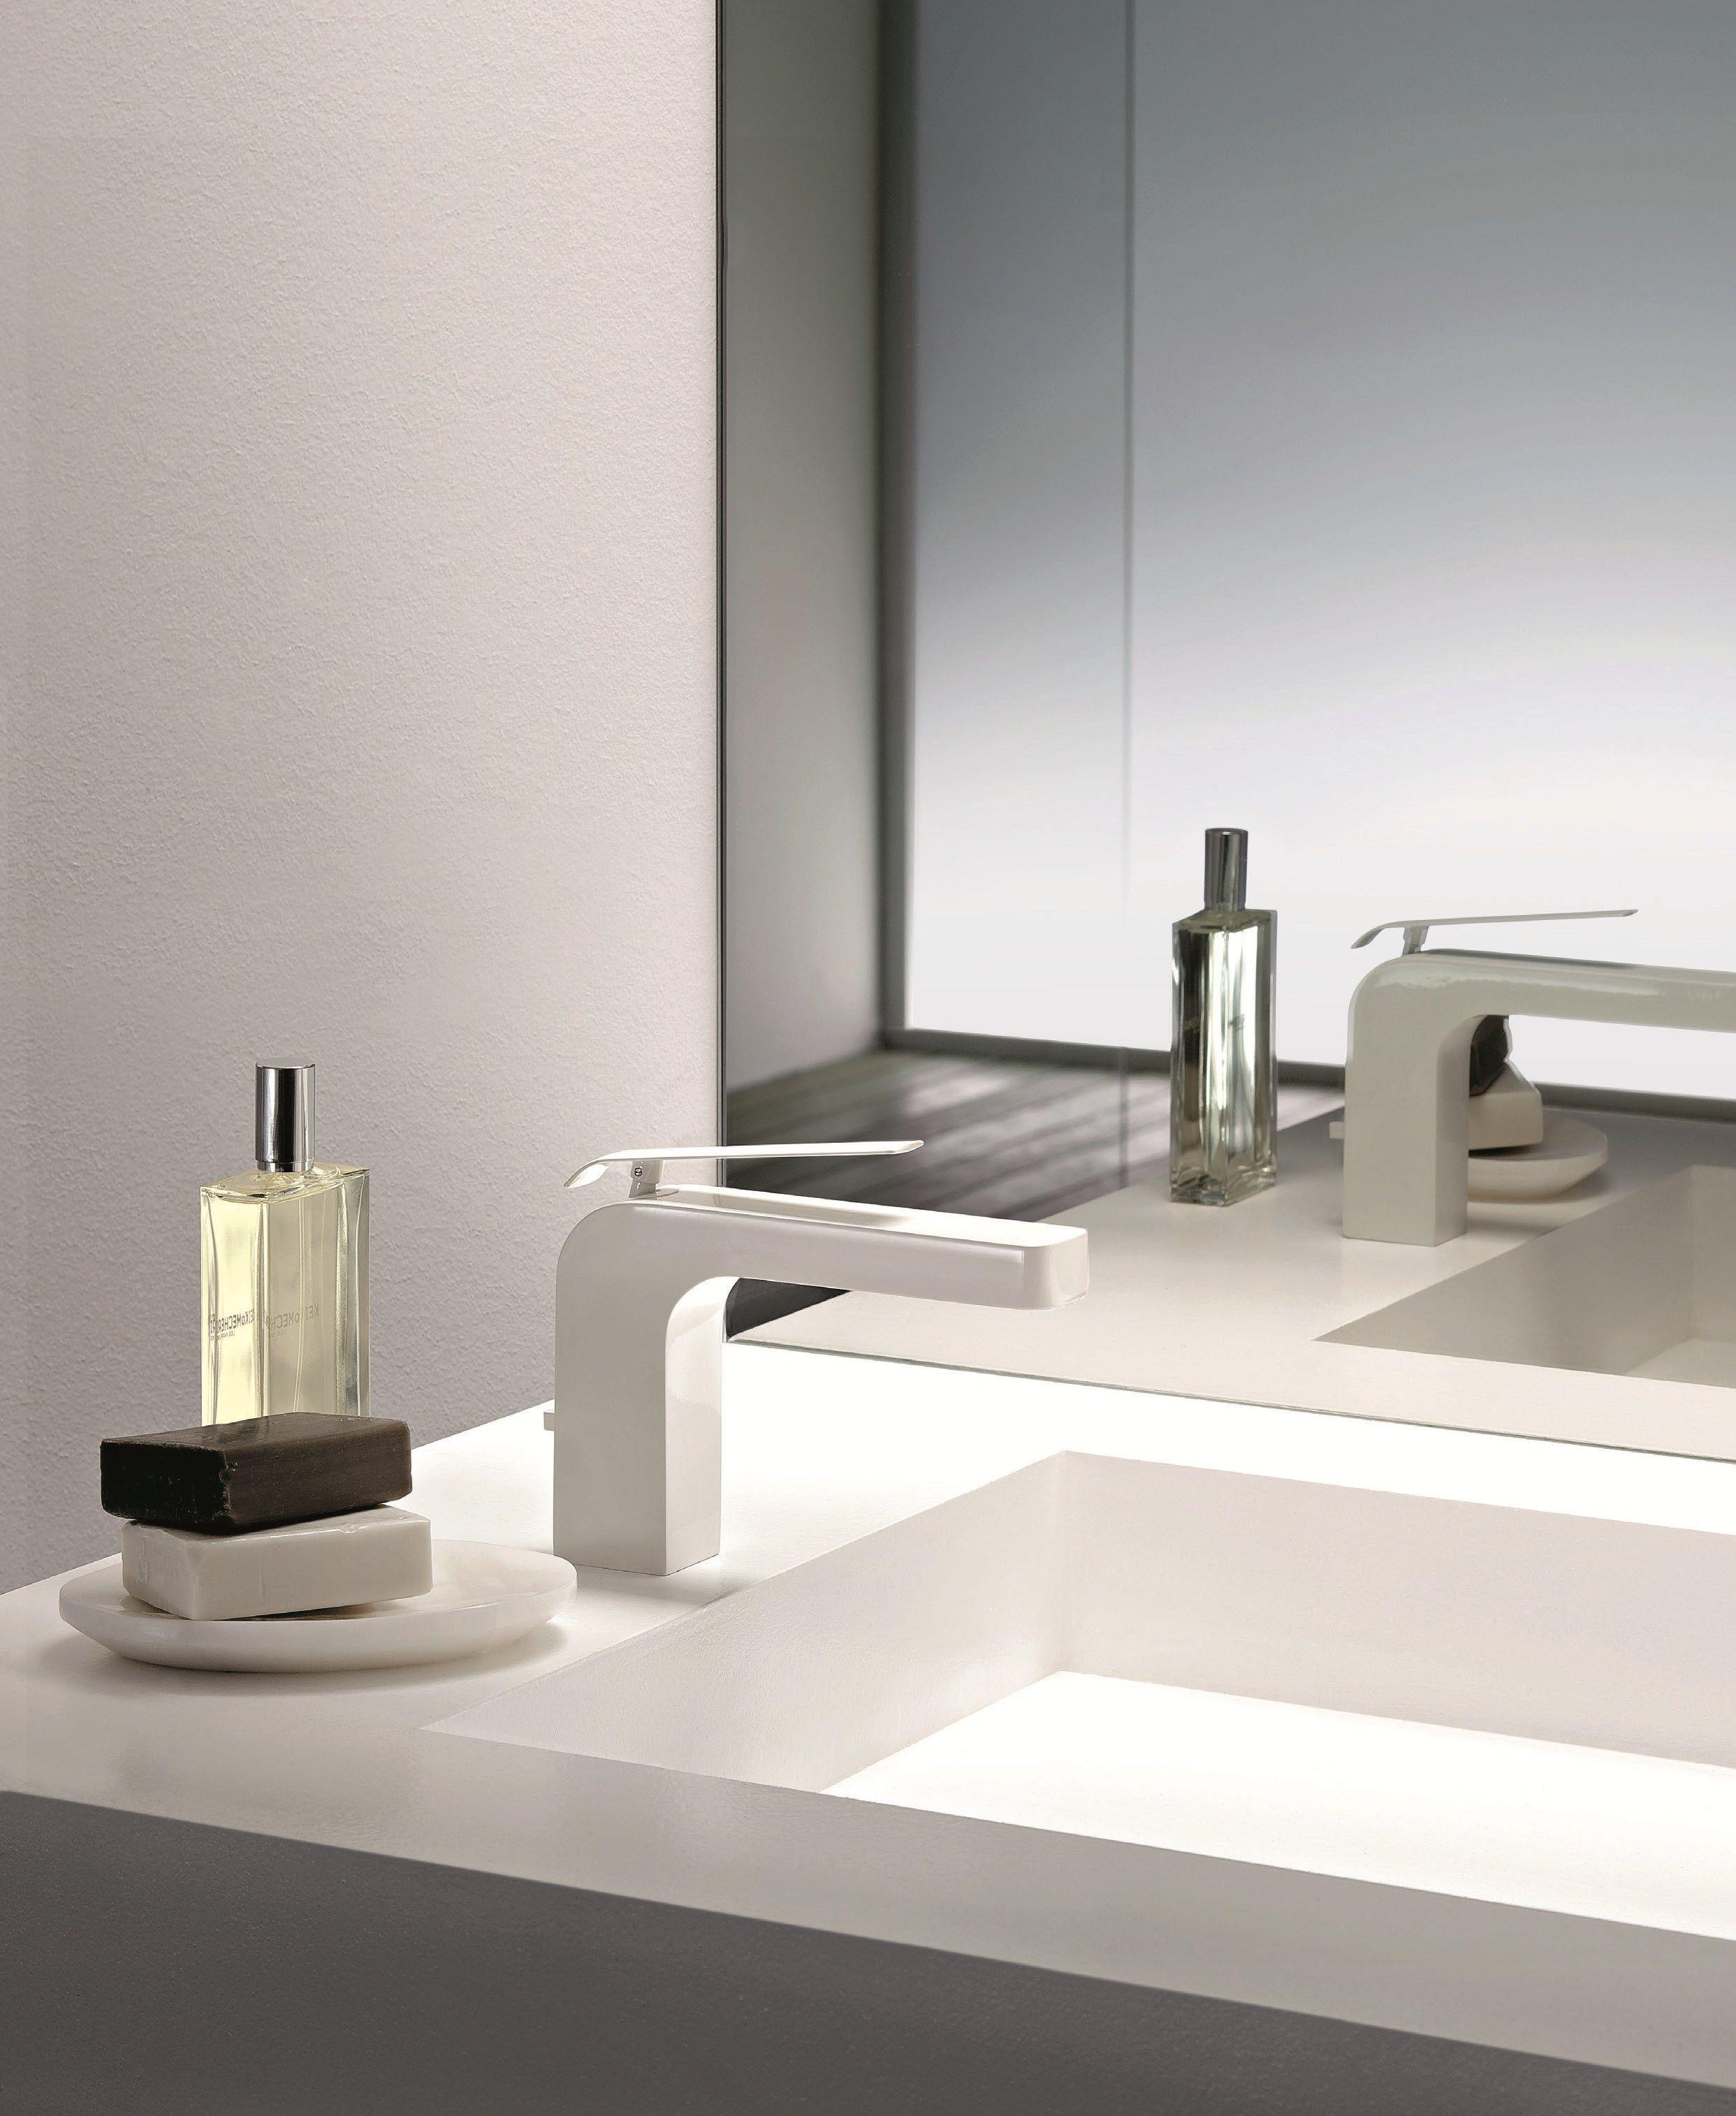 Dolce miscelatore per lavabo verniciato by fantini for Rubinetti per lavabo